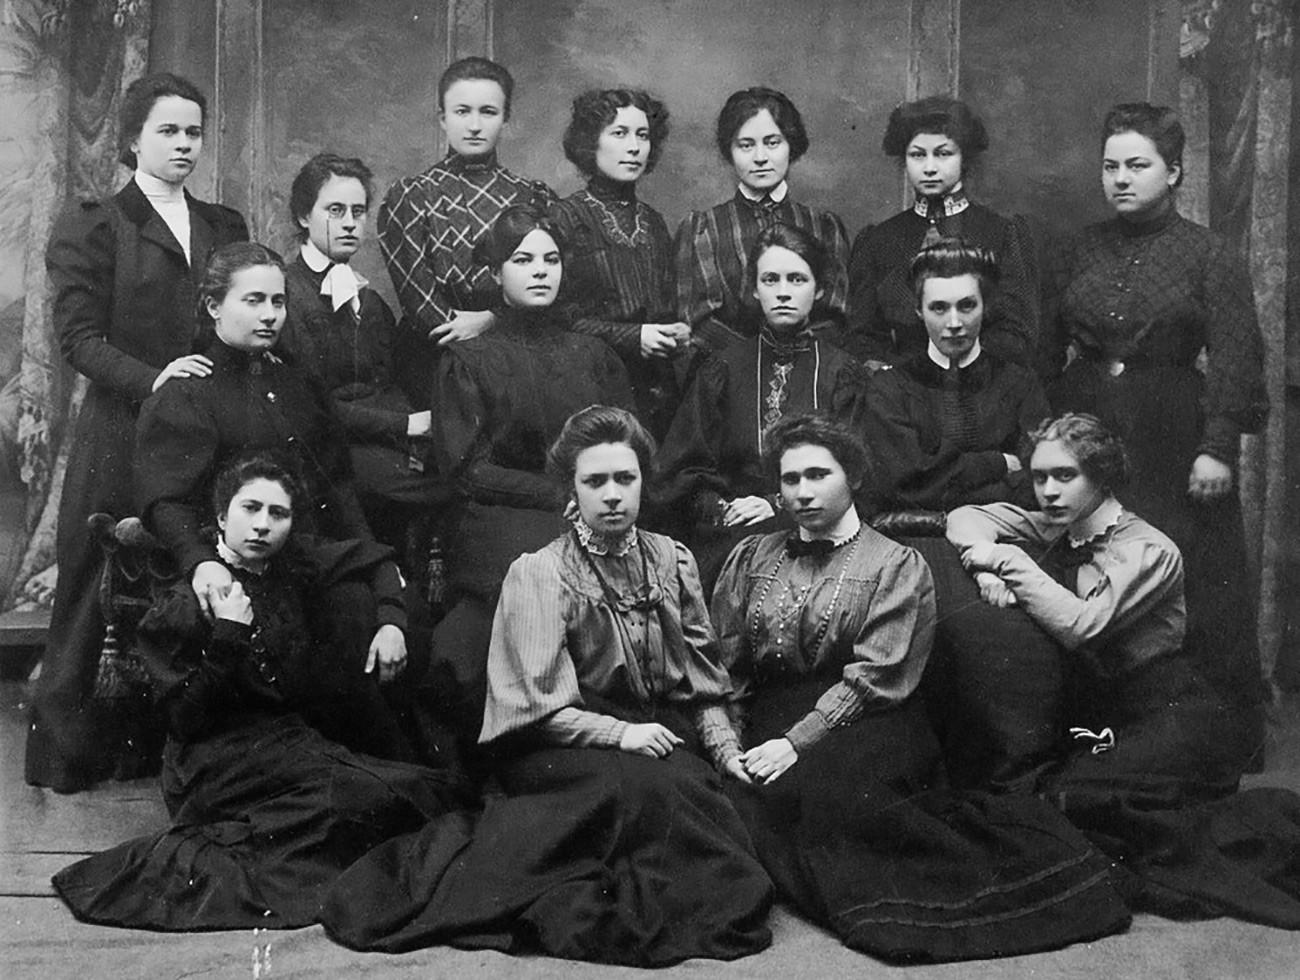 Високошколски женски курсеви. Физичко-математички факултет, одељење за природне науке.